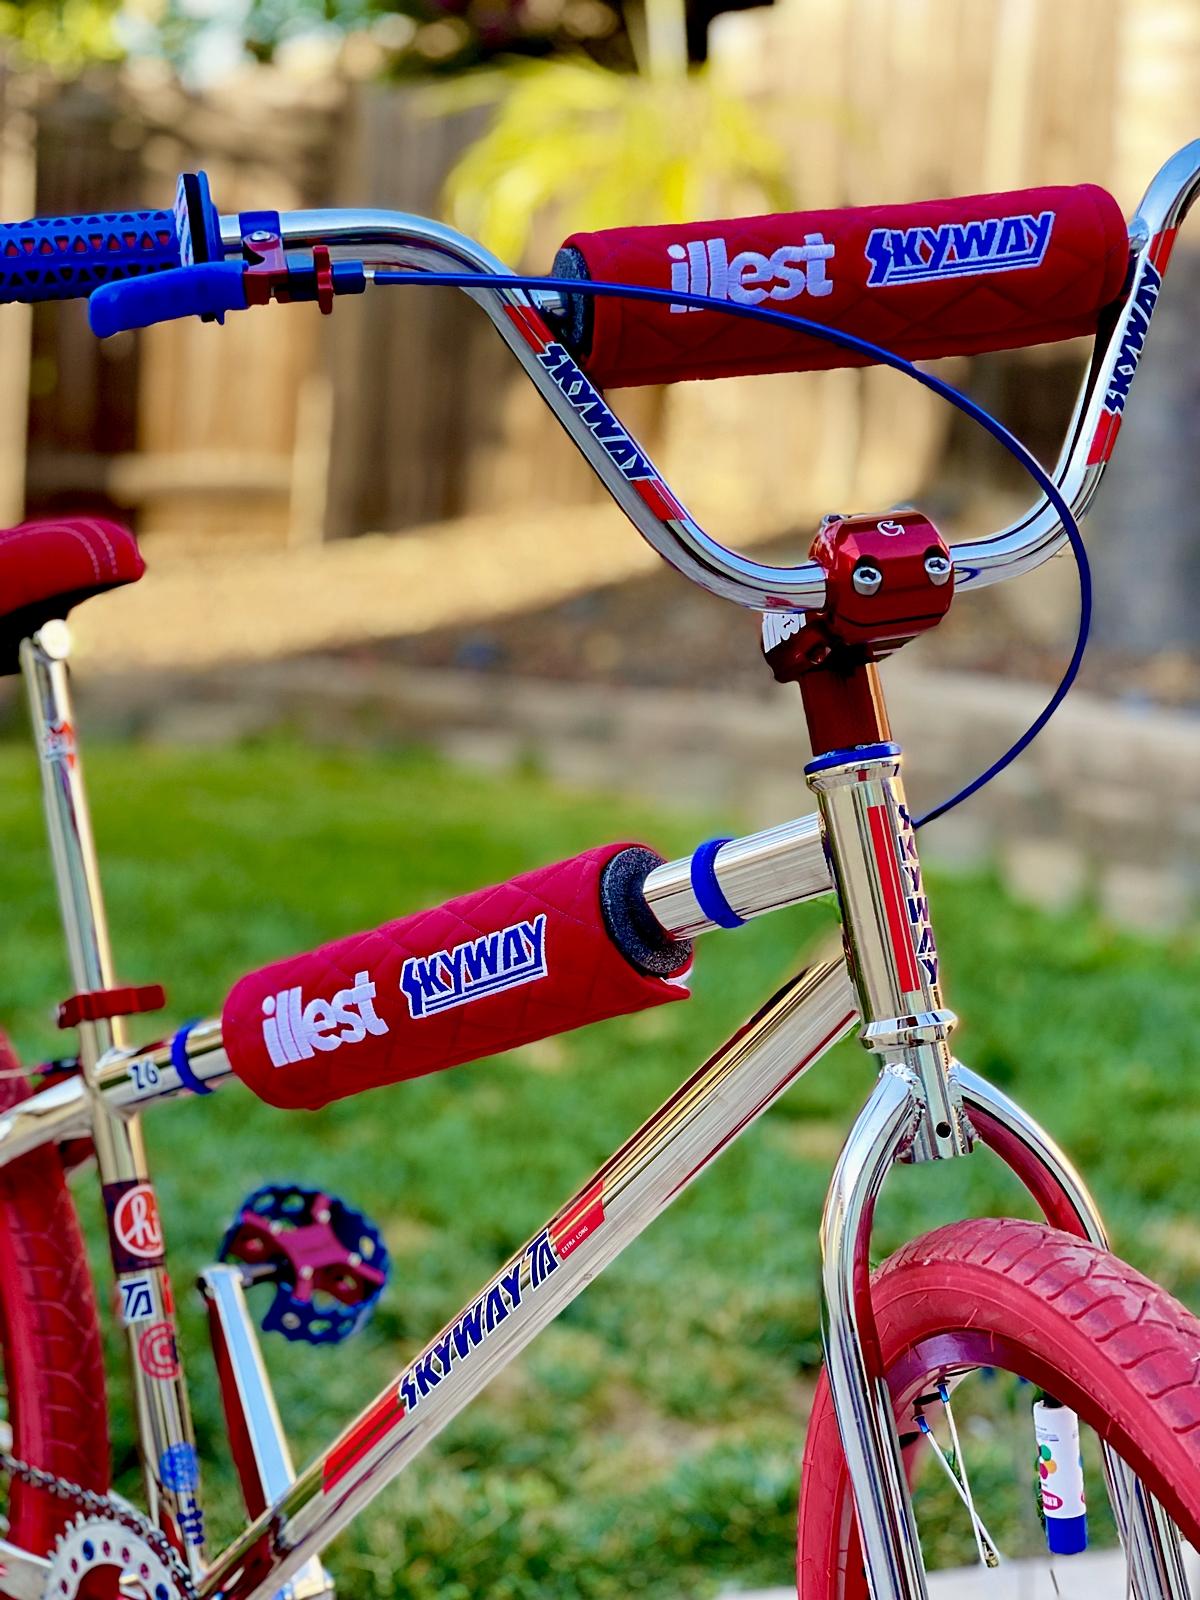 skyway TA 26 illest bmx bike